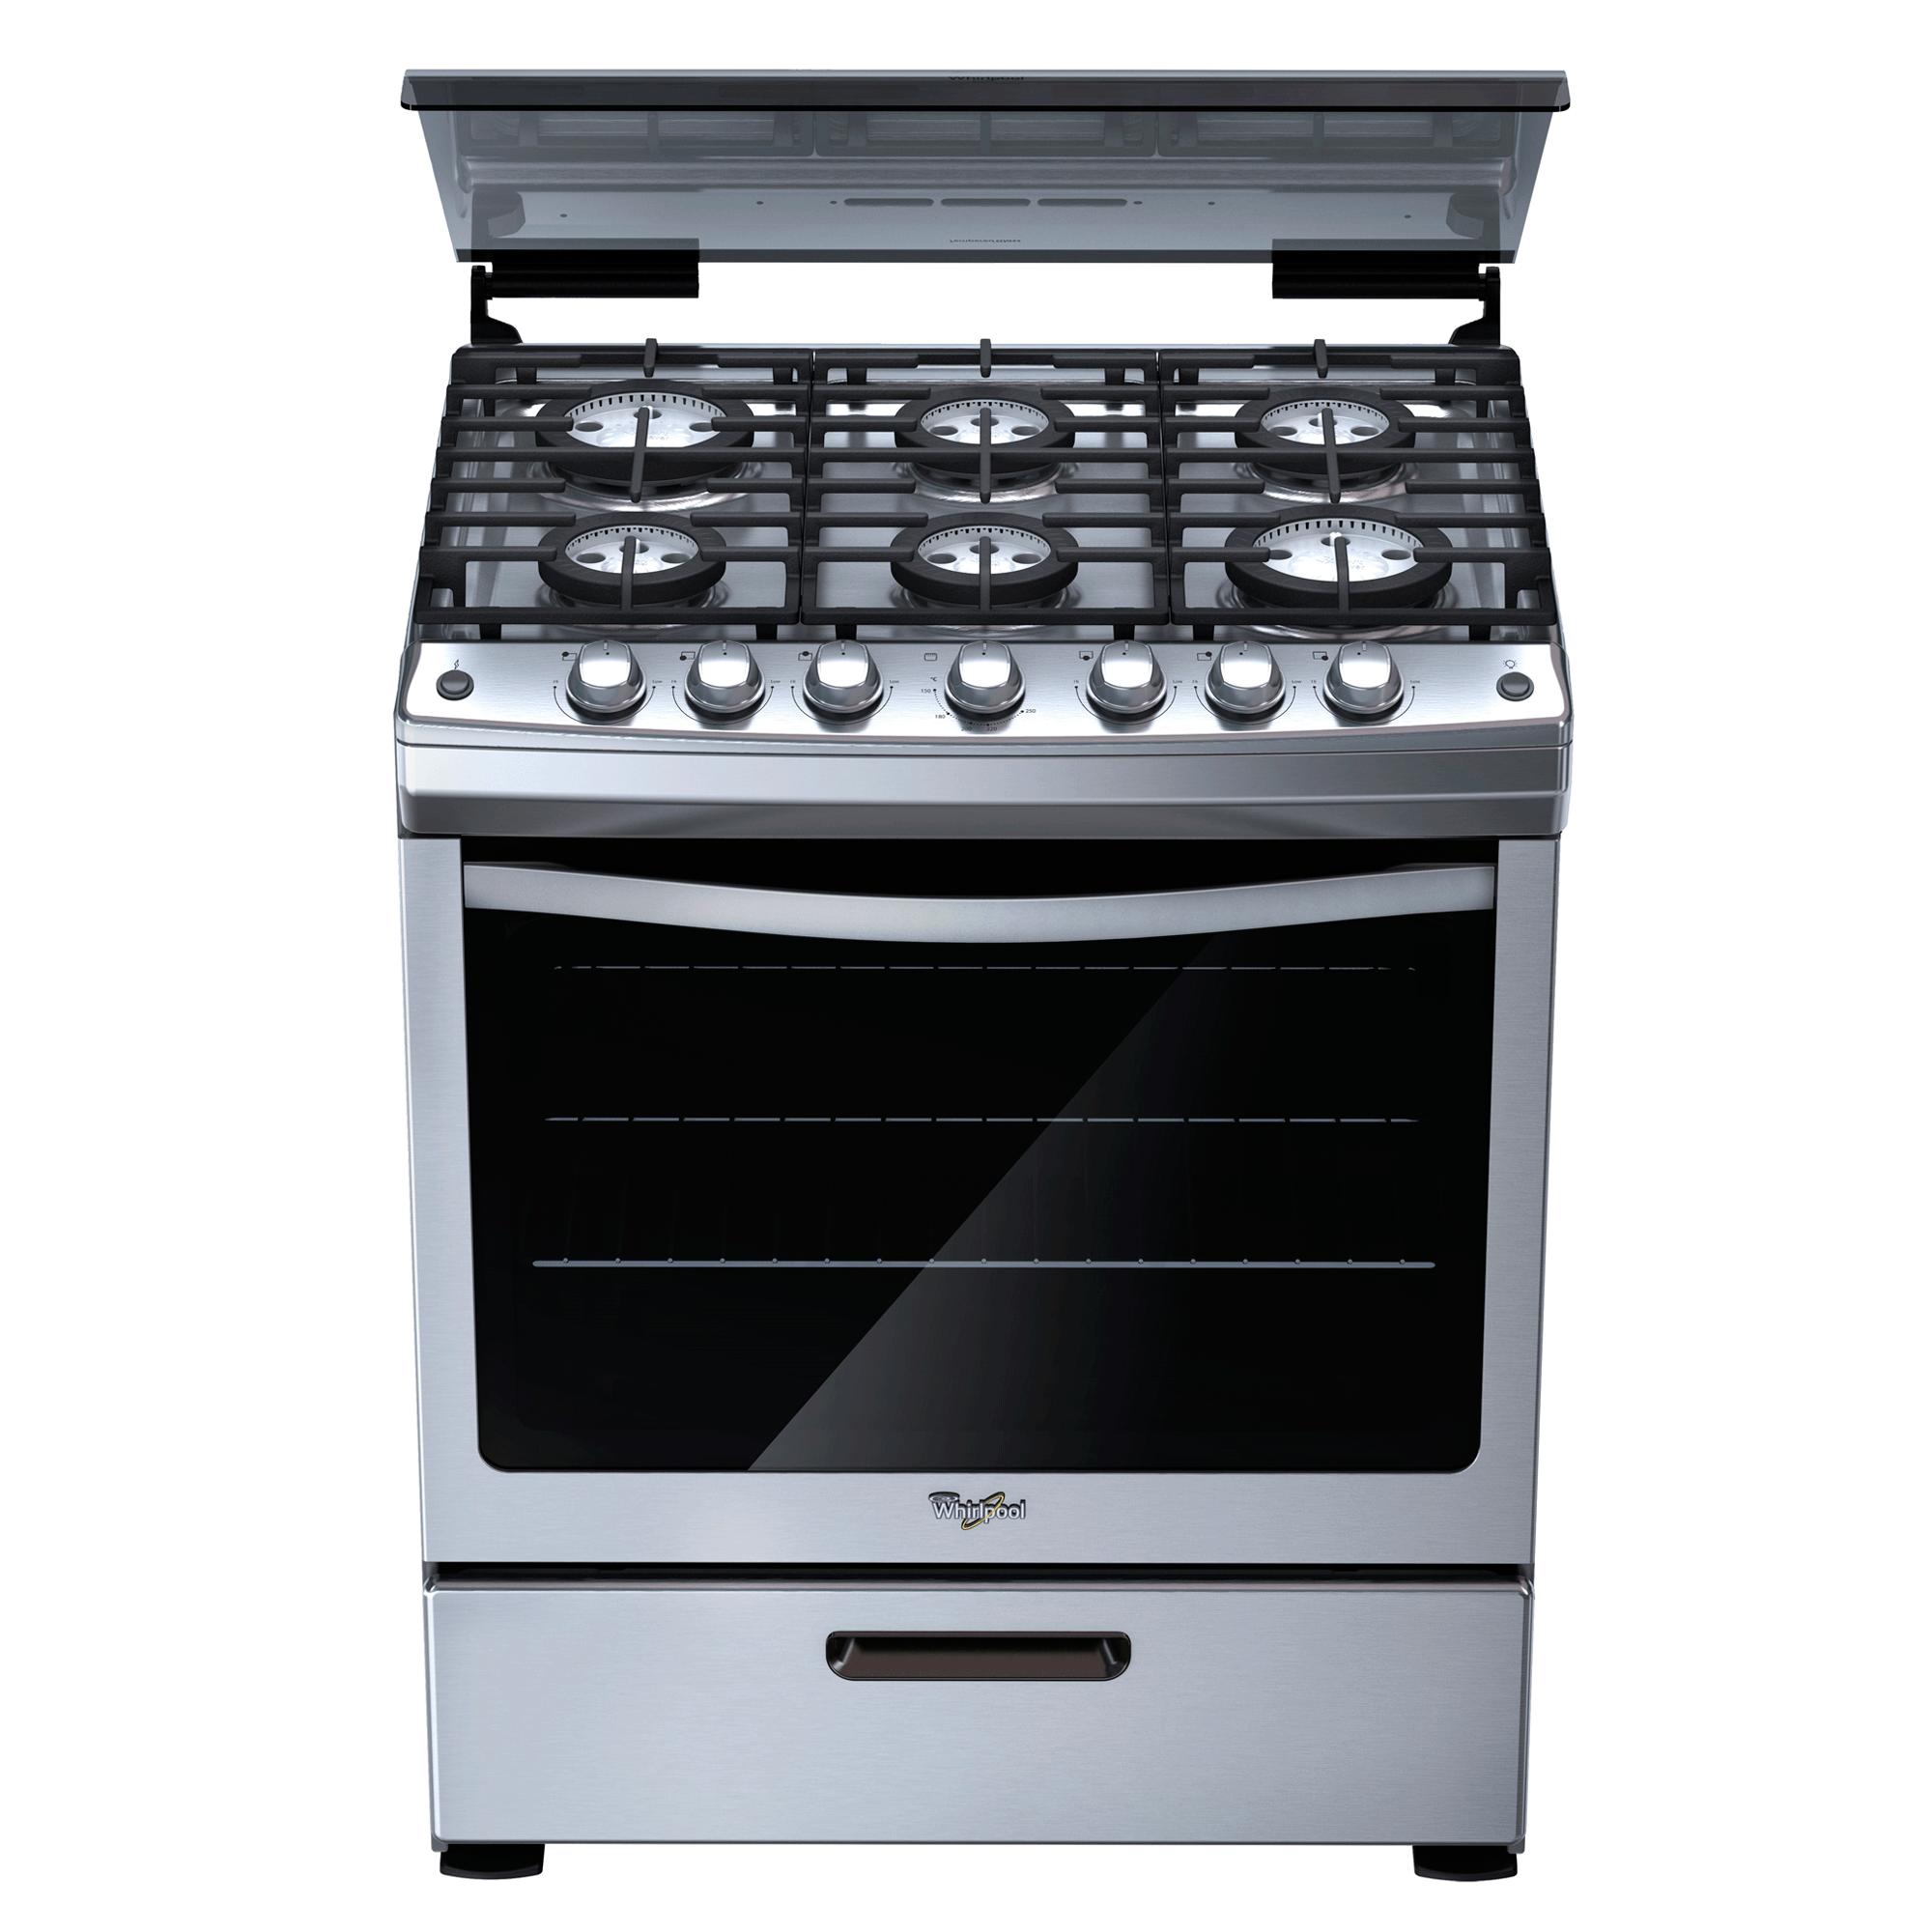 Reparacion de calefones cocinas estufas en caba no se for Artefactos de cocina